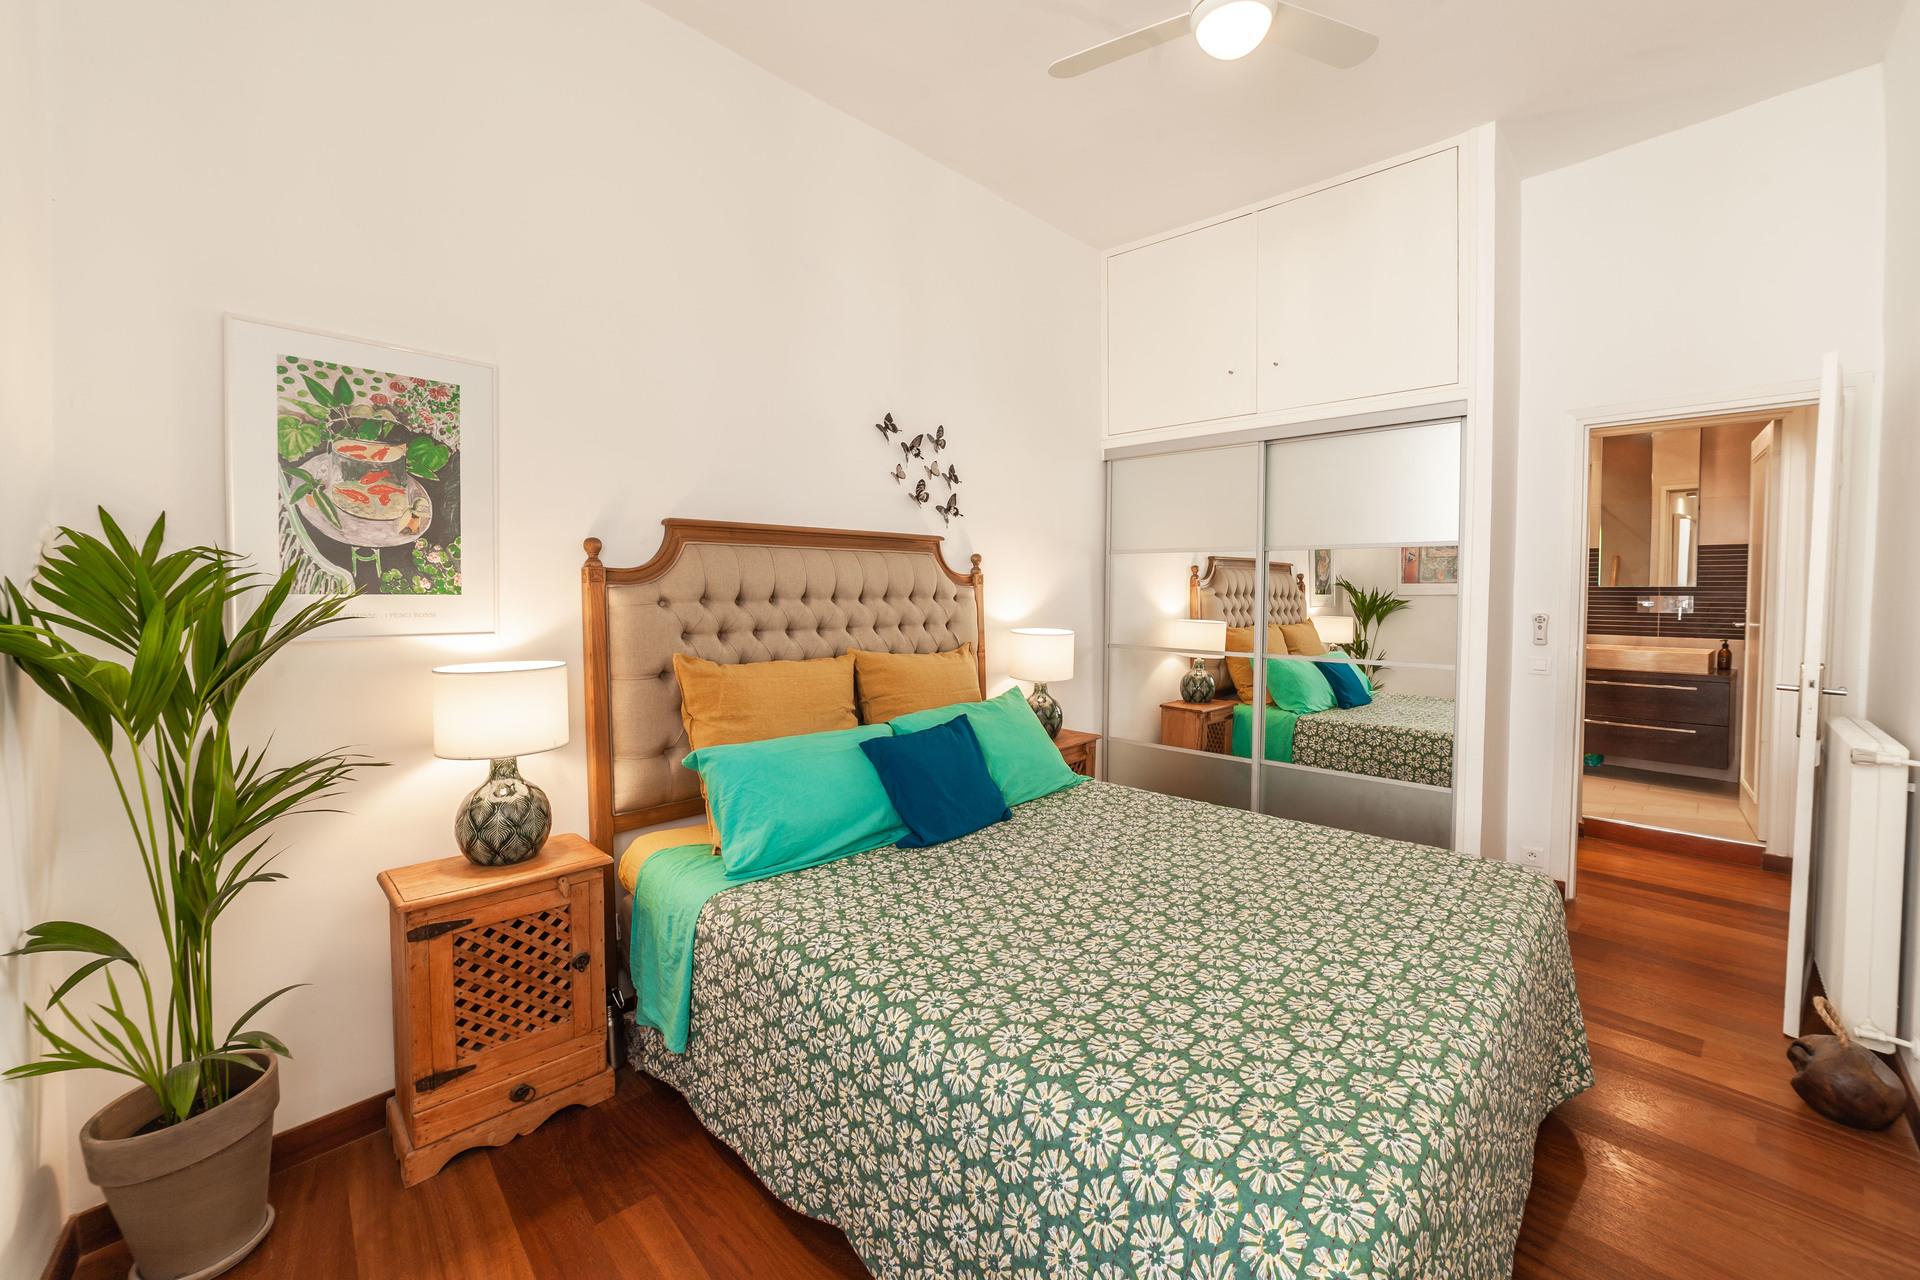 Vente Appartement 74 m² T3 06300_9